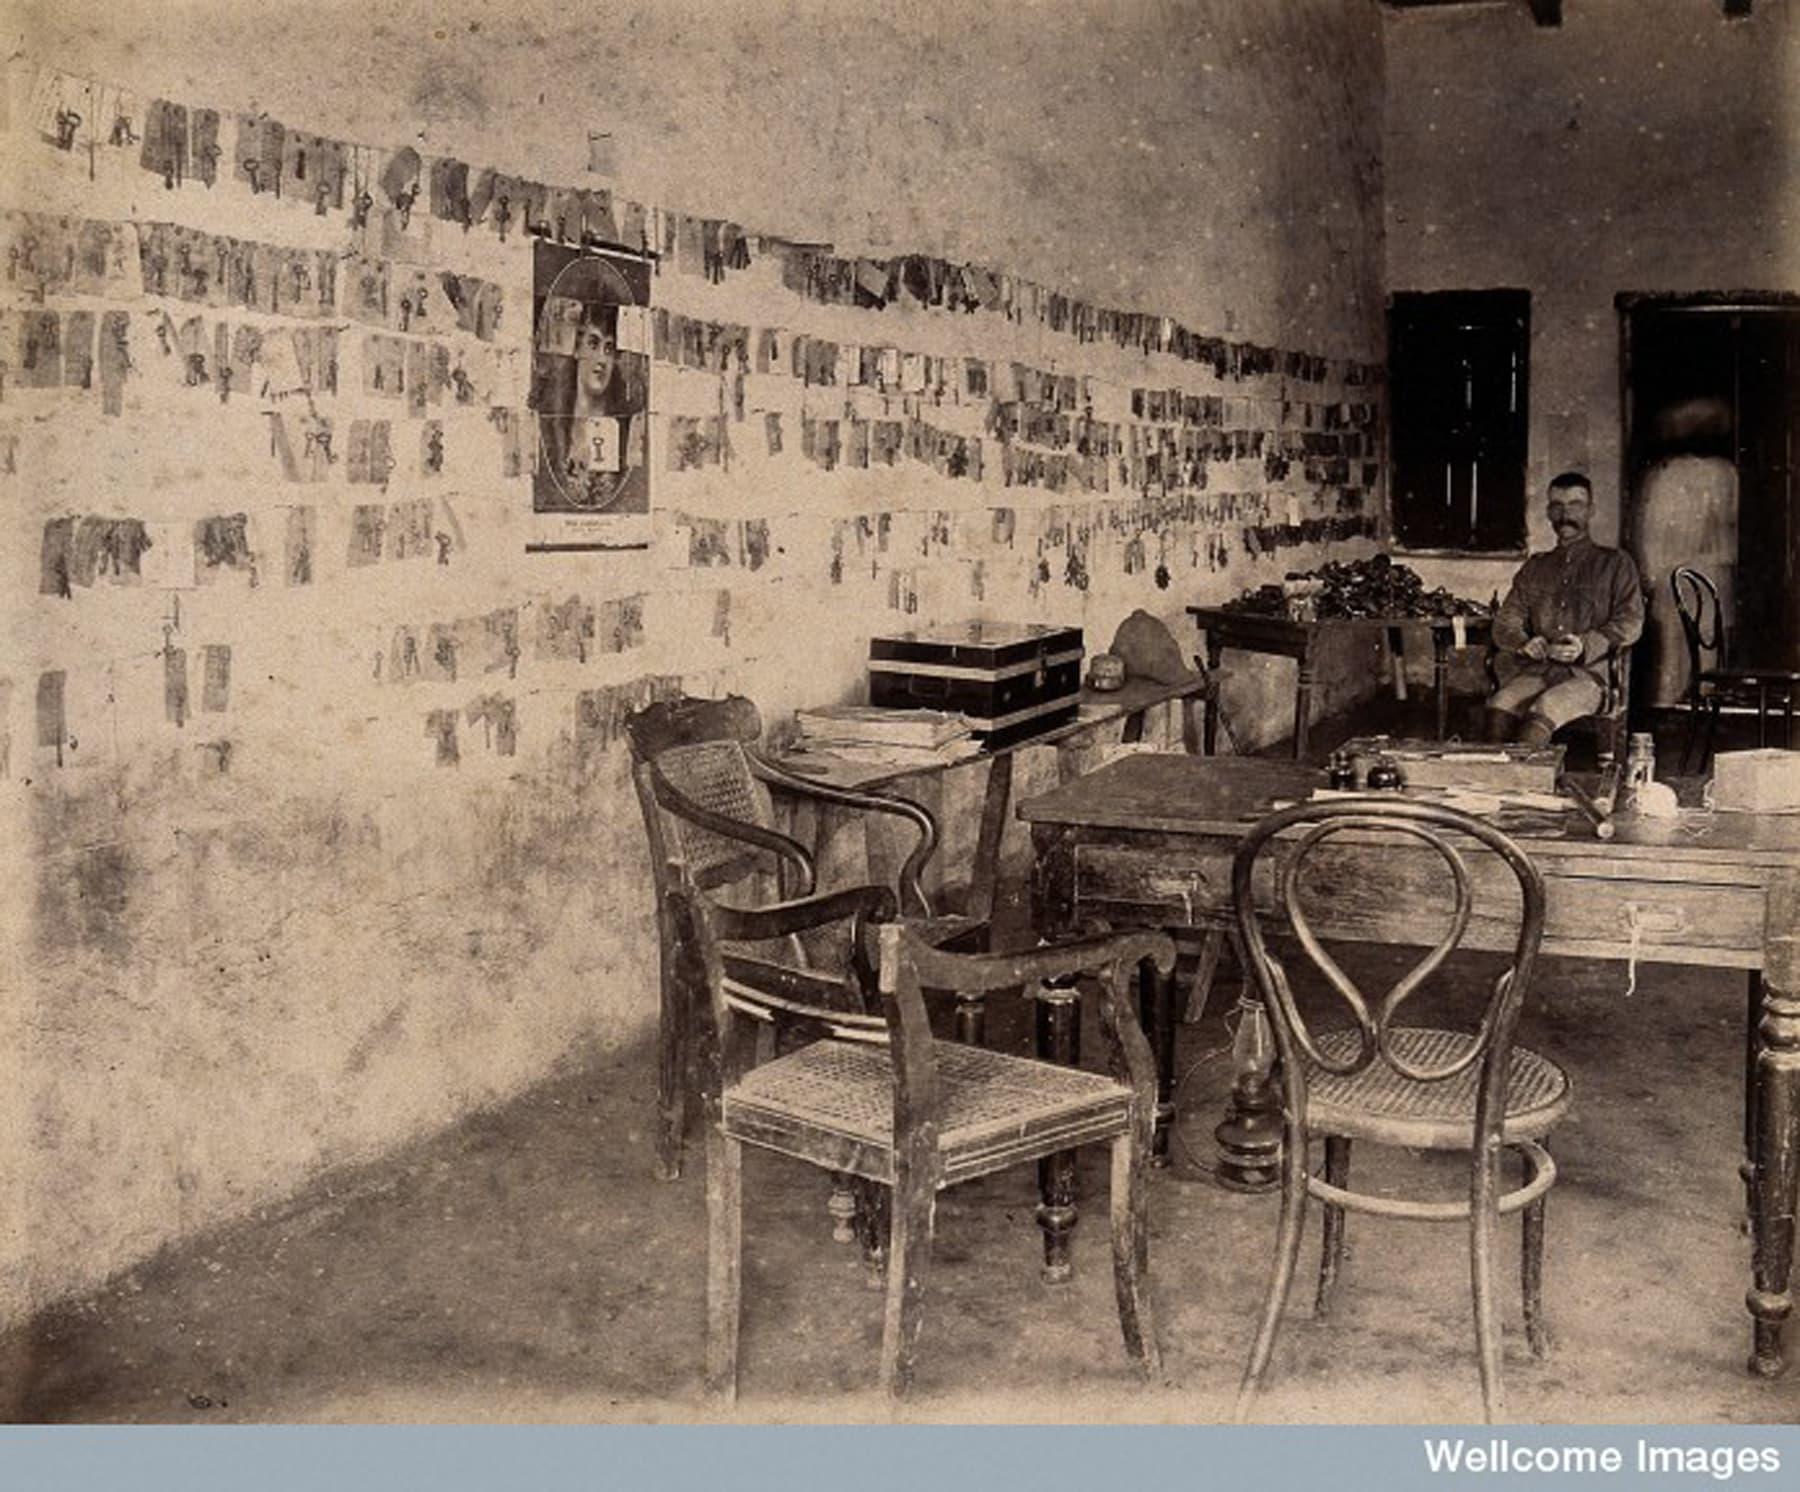 کراچی پلیگ کمیٹی کے افسر کا دفتر—Wellcome Library archive collection